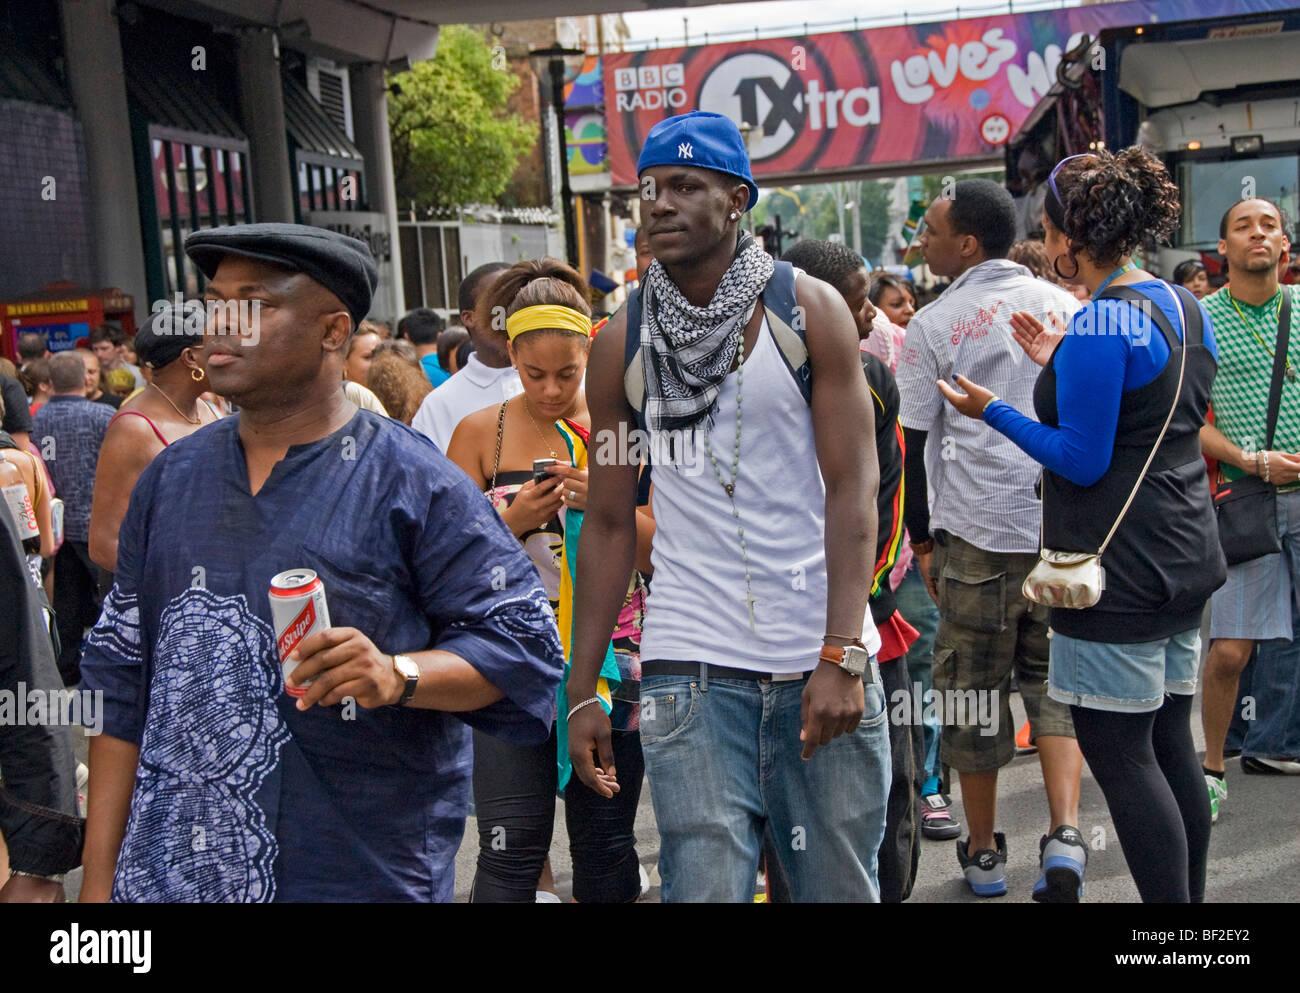 Affollata strada multiculturale al carnevale di Notting Hill il tempo nella zona ovest di Londra Foto Stock